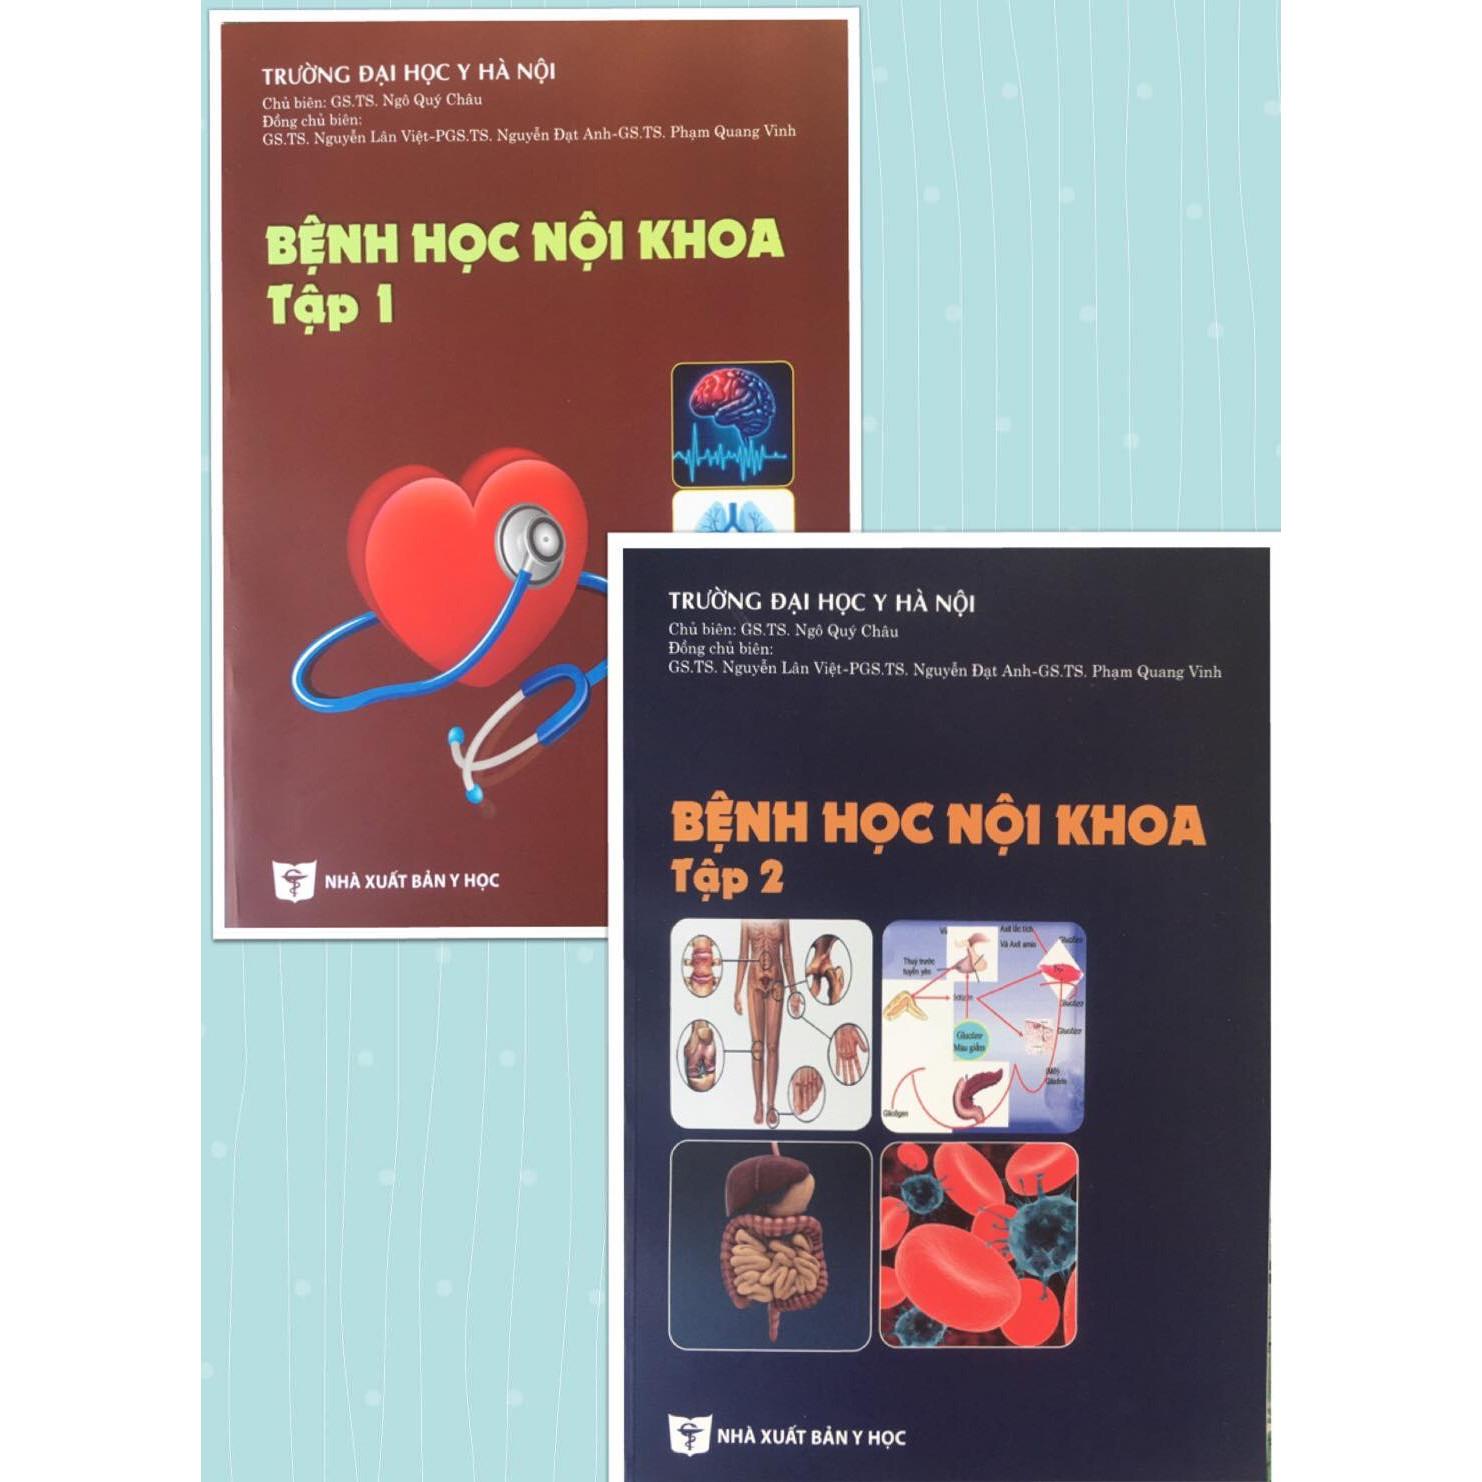 Bệnh học nội khoa 2020 (Tập 1+ Tập 2)